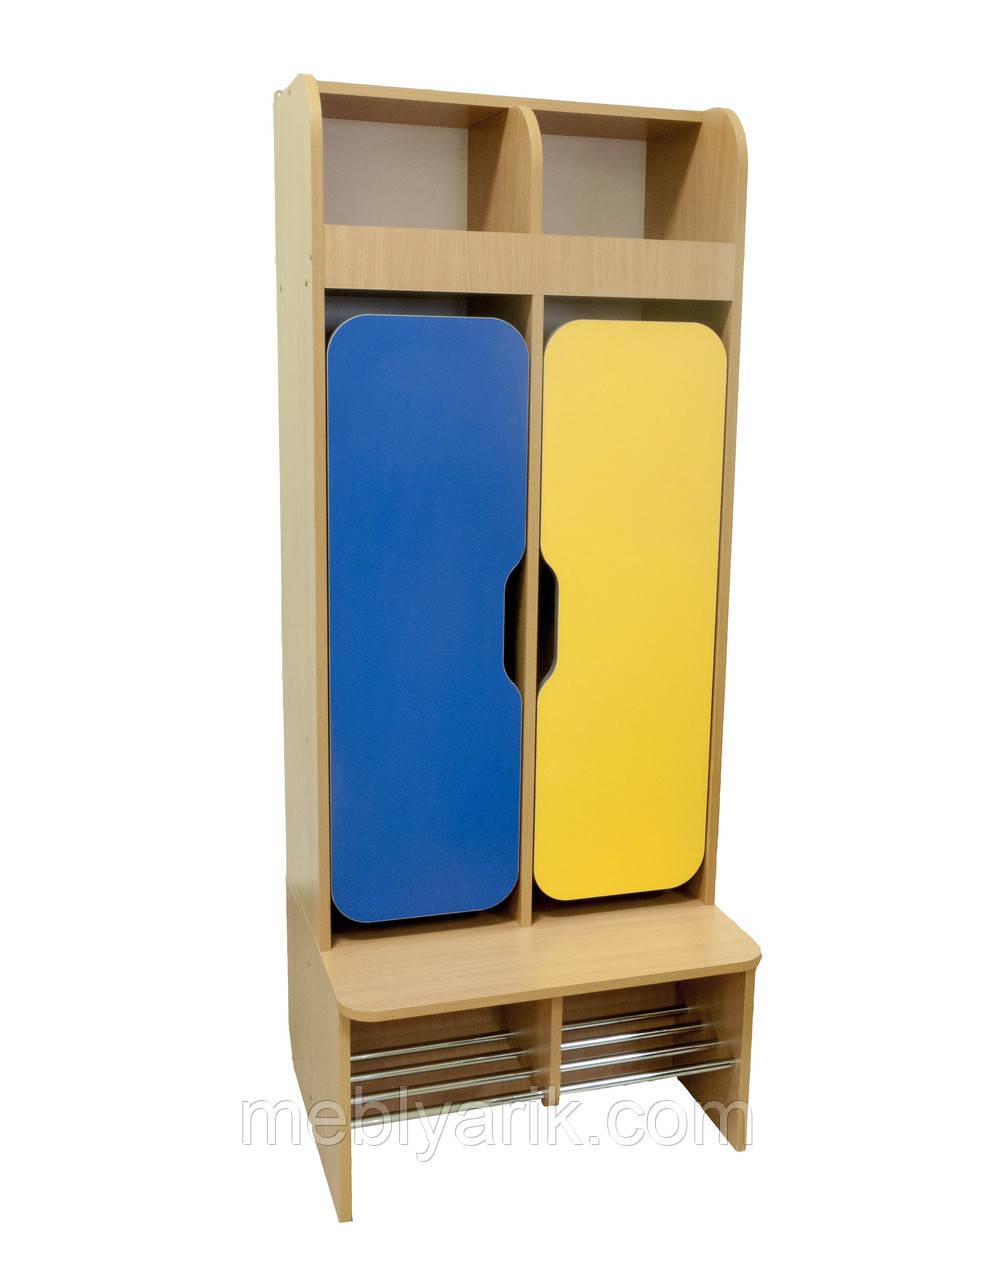 Шафа дитячий 2-місний з фігурними дверима для роздягальні з хромованими трубами